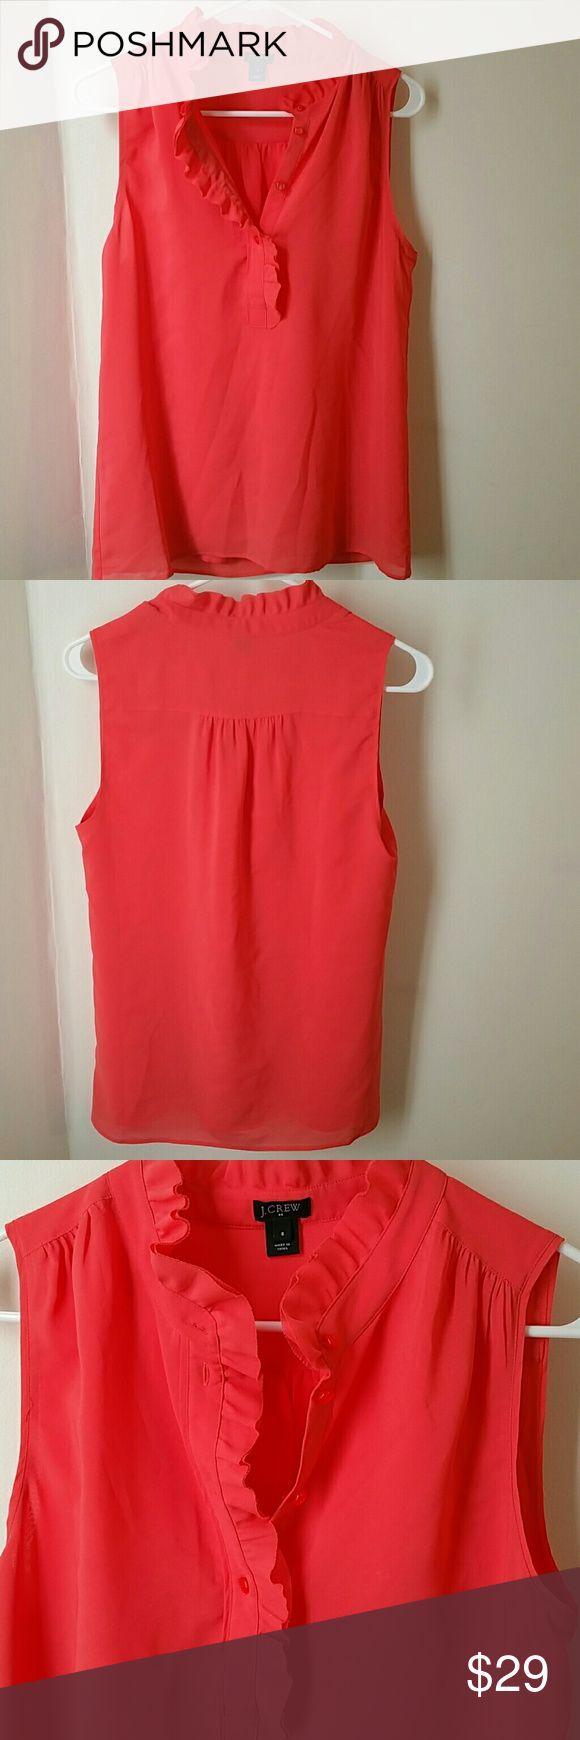 J.crew  color coral blouse size 6 Excelent Condition J. Crew Tops Blouses